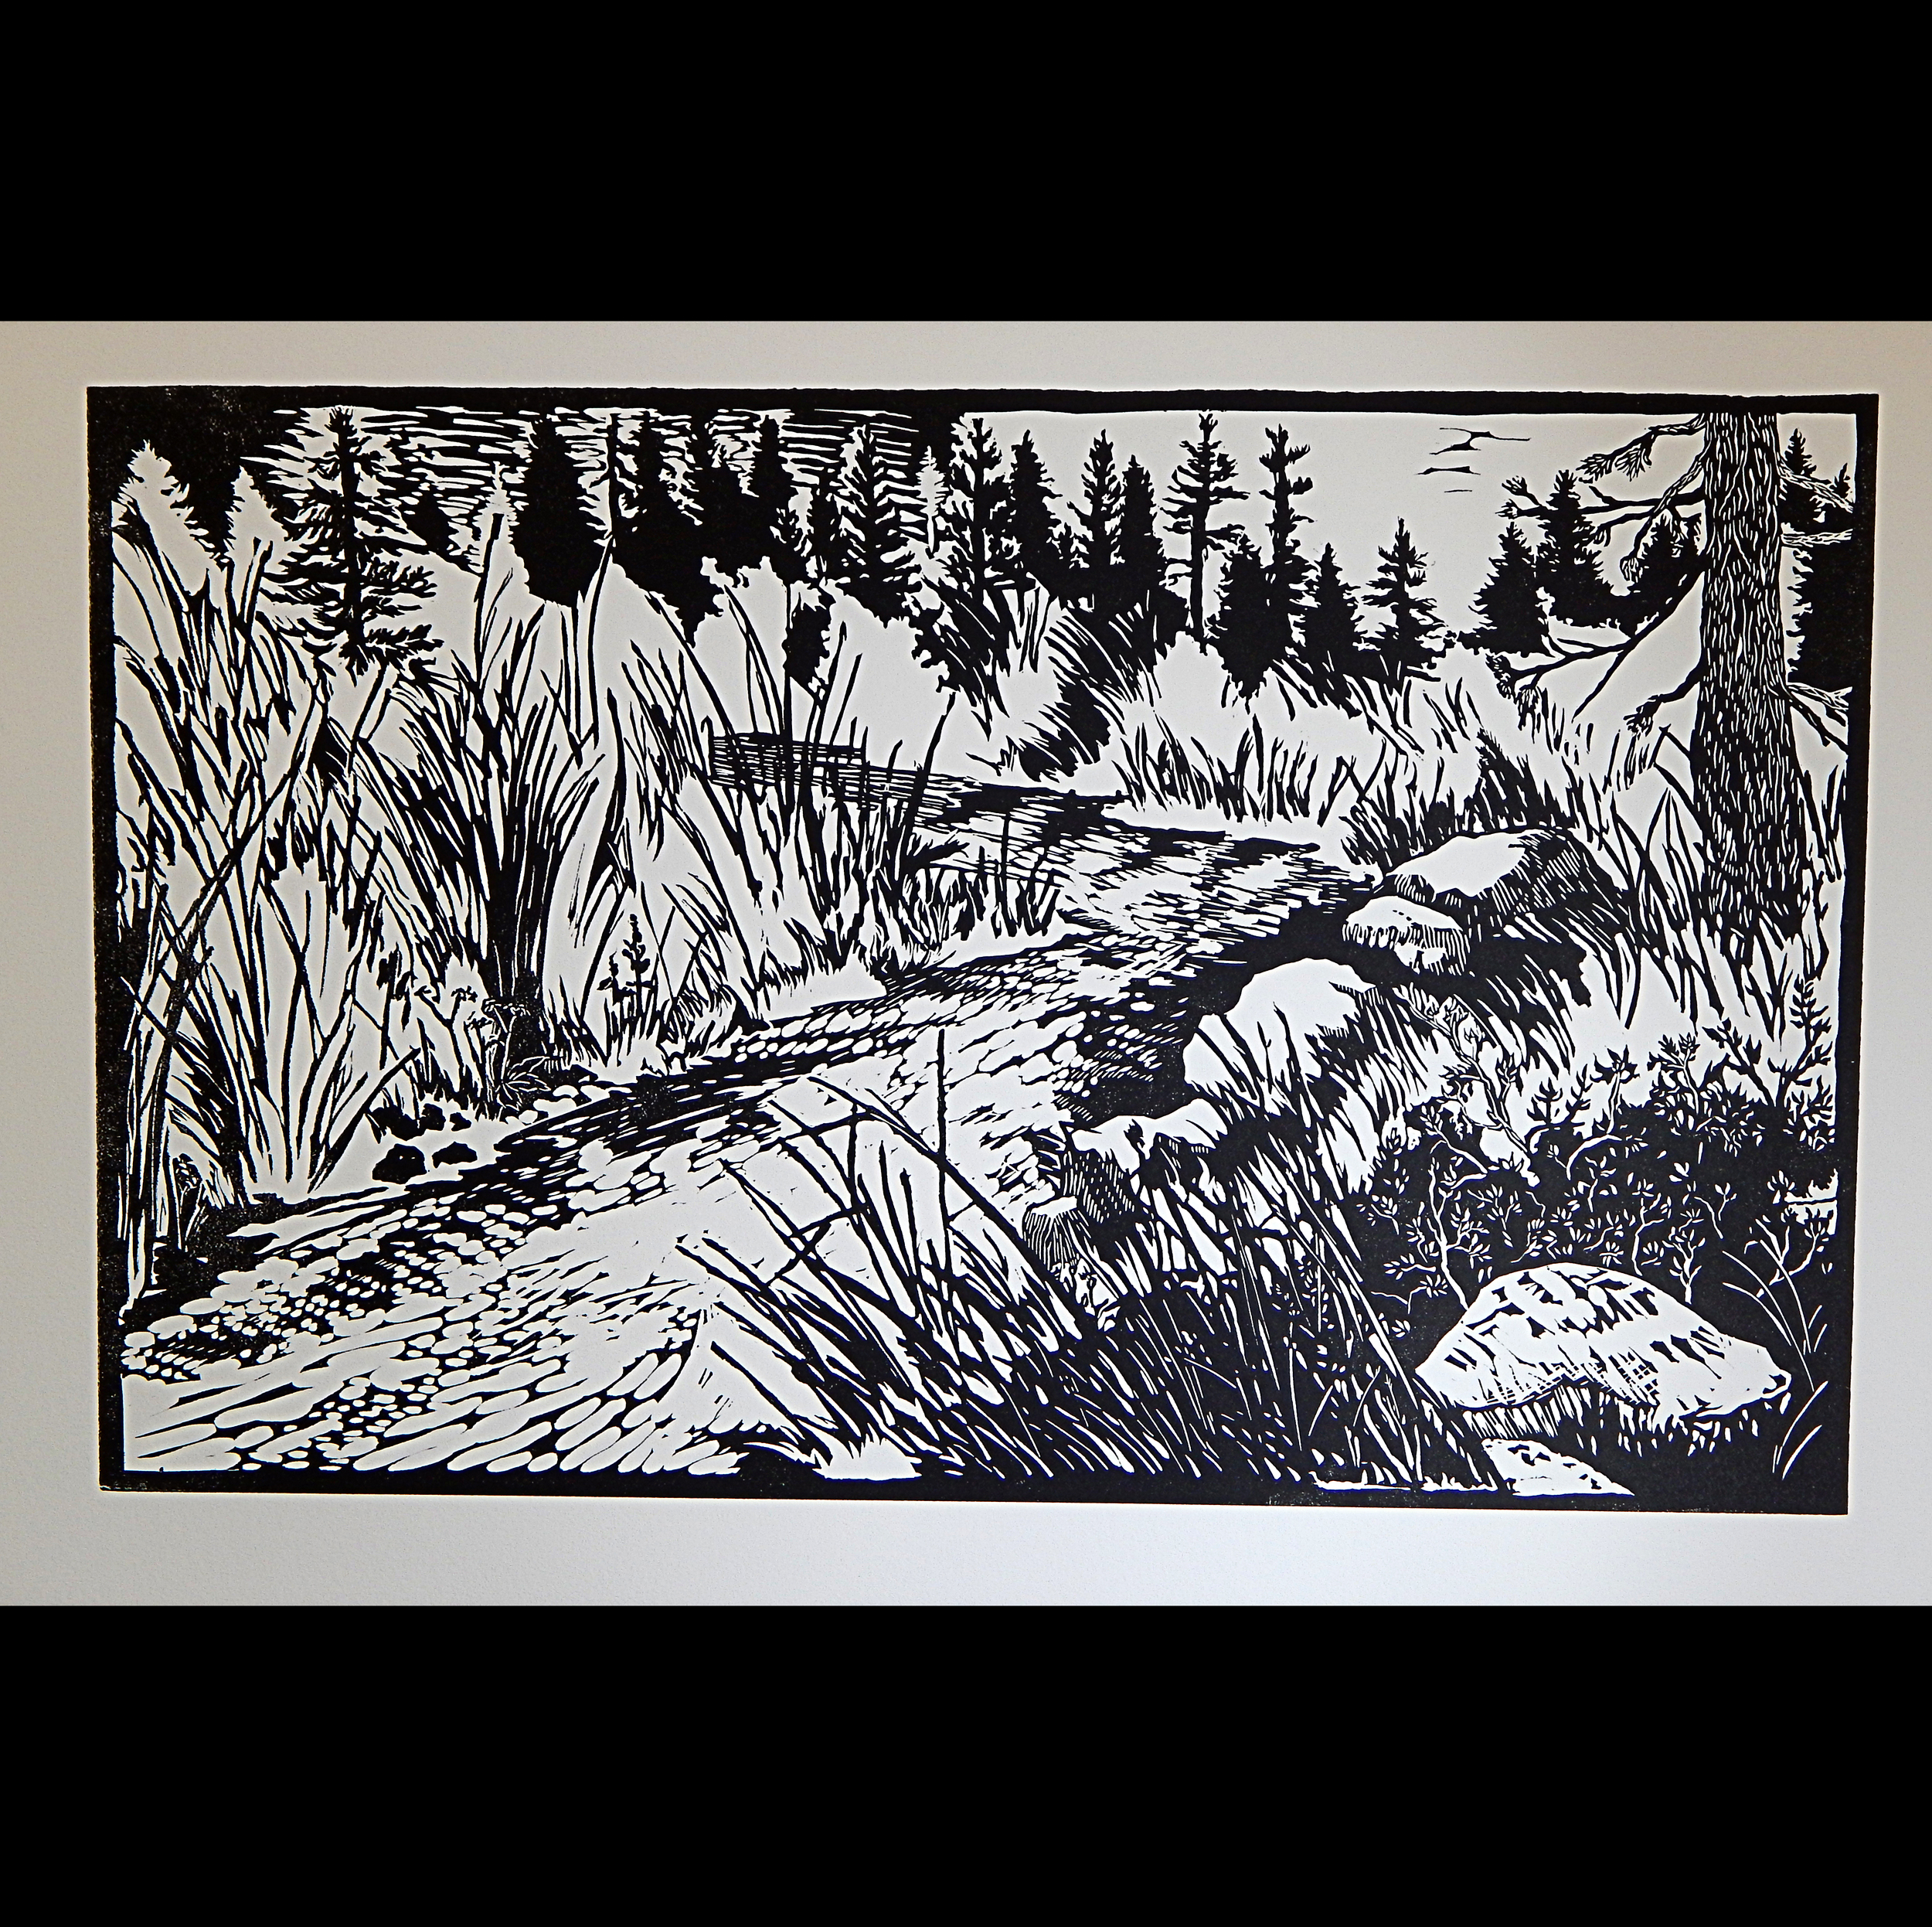 Little Blackfoot, Lino cut, 2016, 17x32in